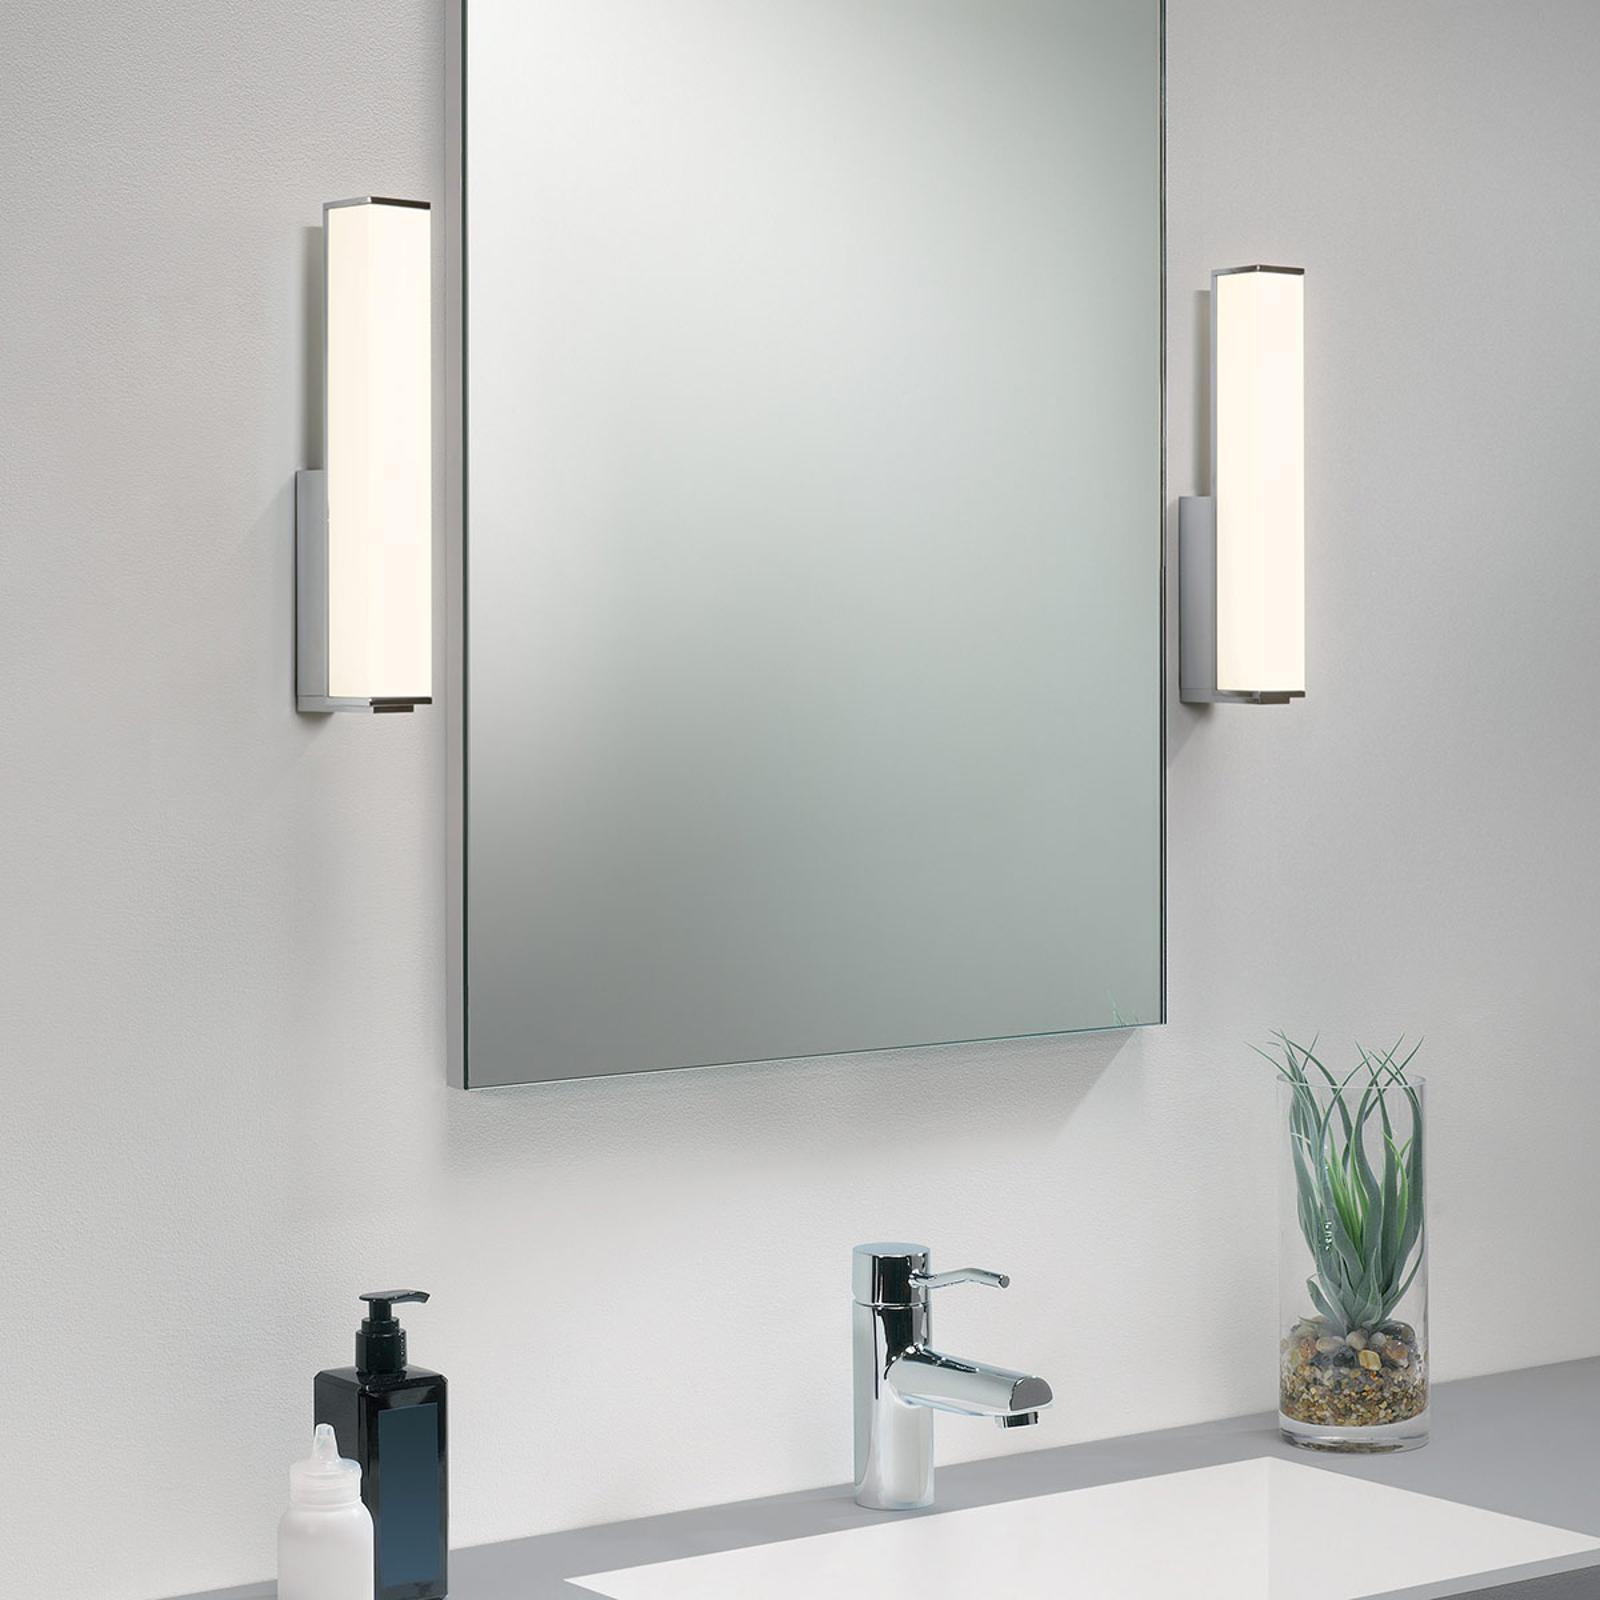 LED-spiegellamp Karla voor de badkamer